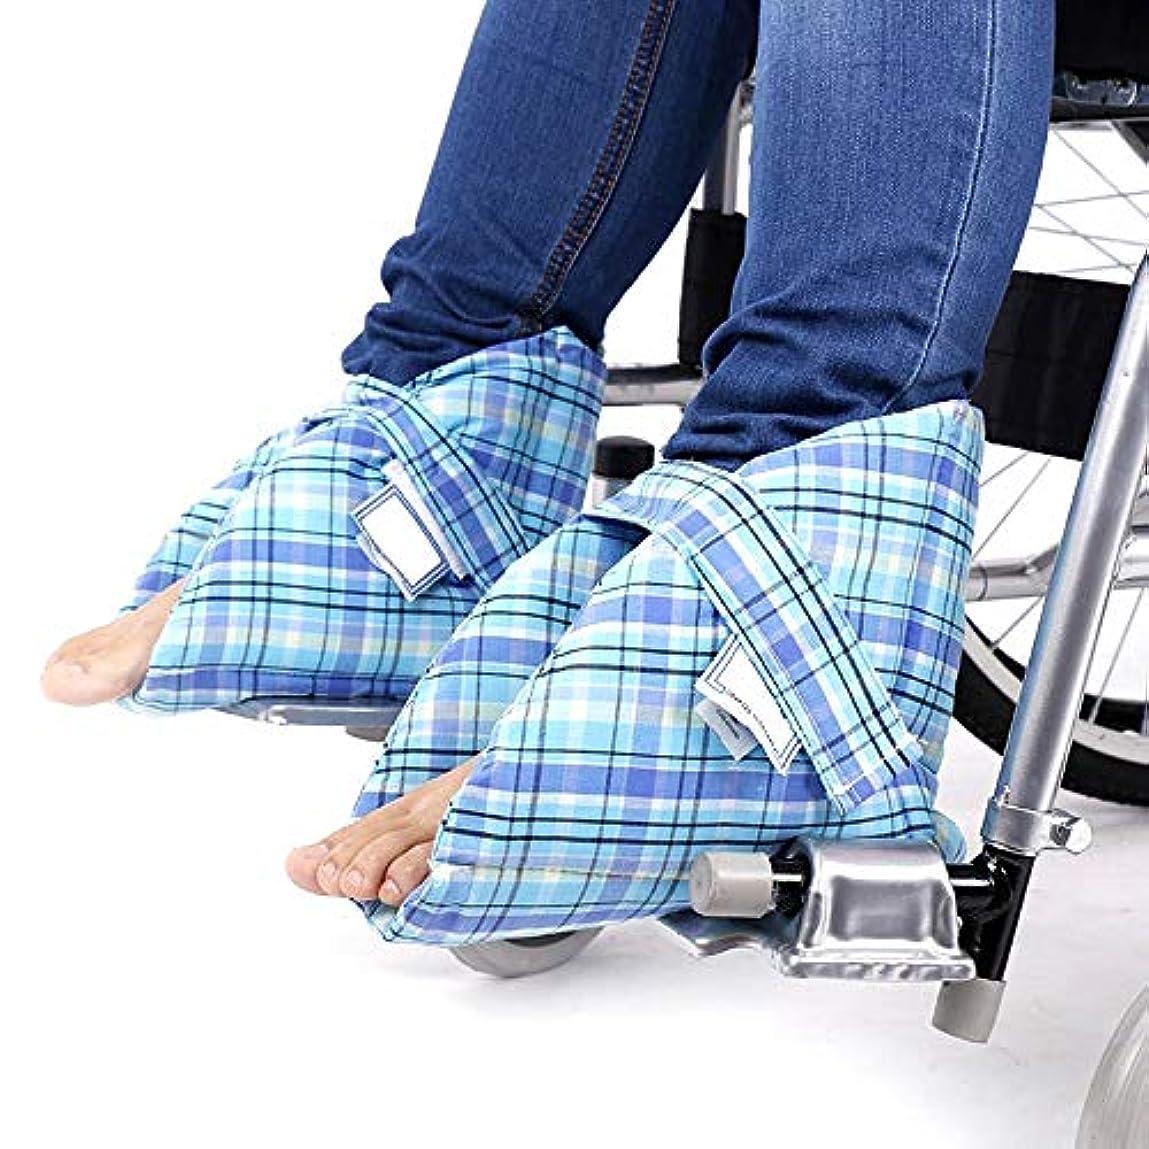 強化マーティフィールディングとまり木褥瘡および腱の残りのための医療用ヒールクッションプロテクター - 車椅子高齢者足首保護枕 - 1ペア